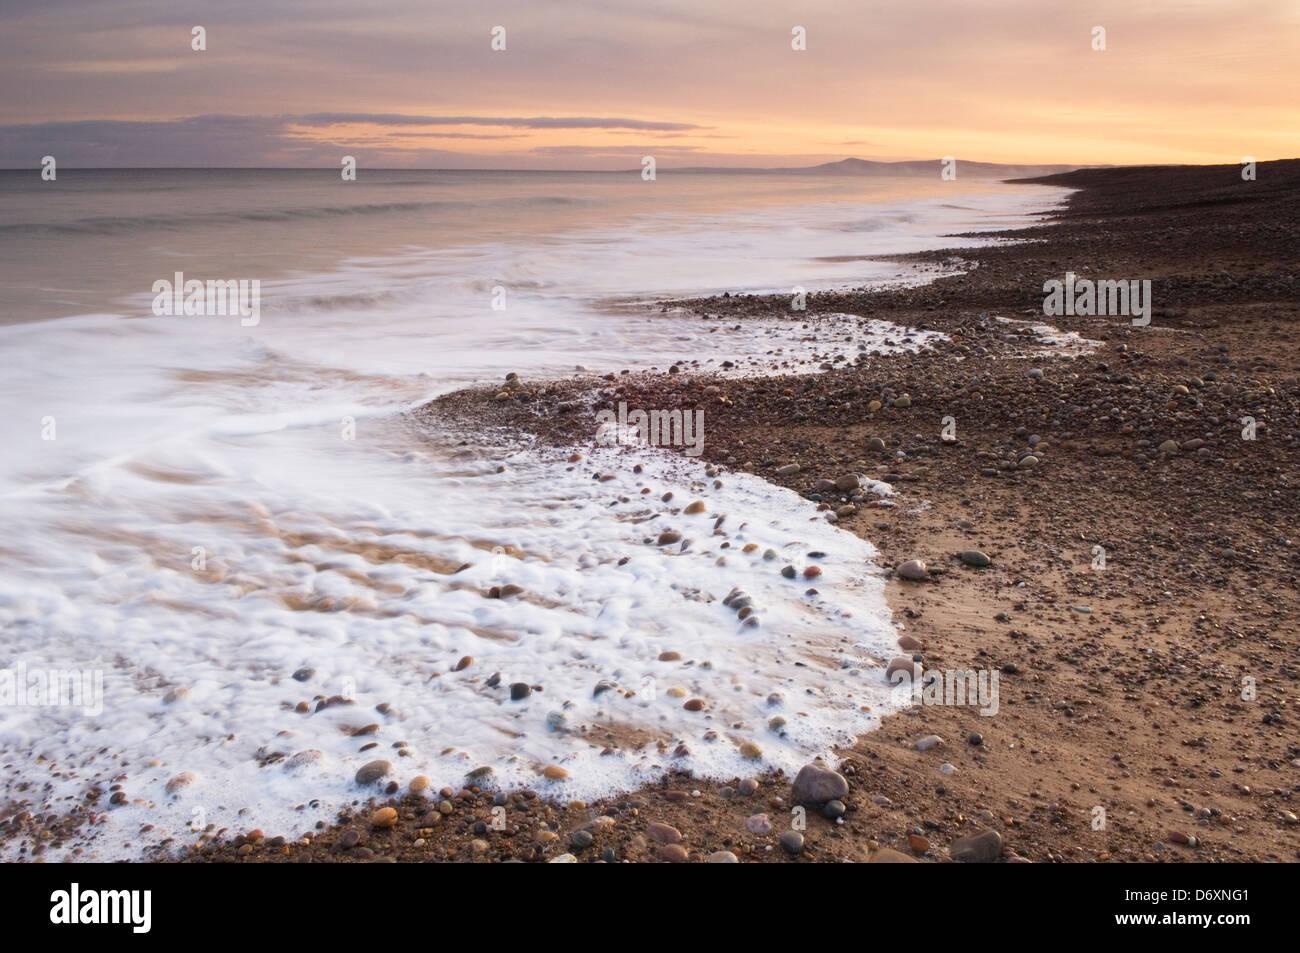 Dawn over Lossiemouth Beach, Moray, Scotland. - Stock Image